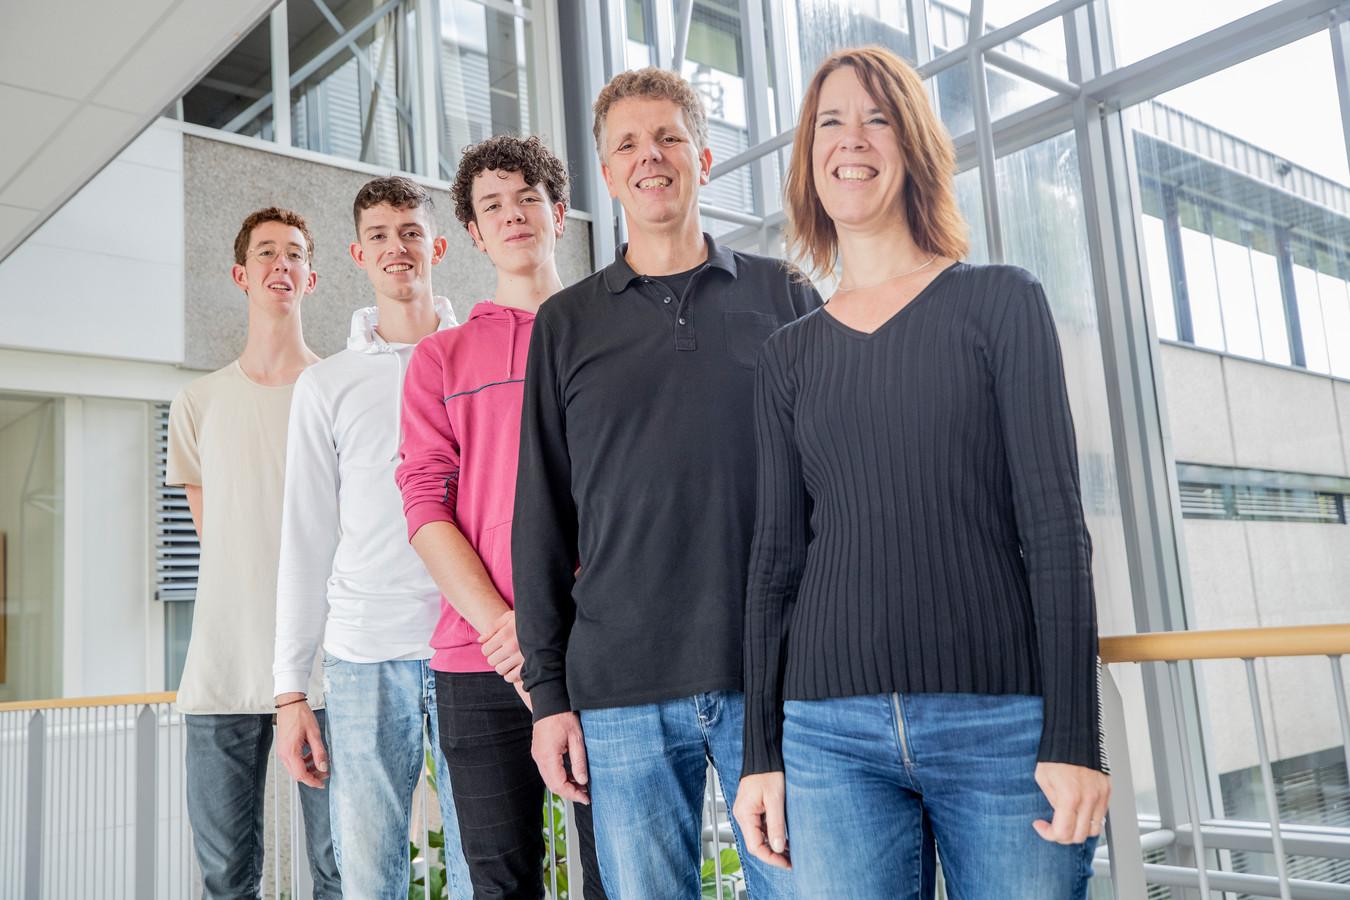 De familie Zegwaard is officieel het langste gezin ter wereld. Maar er is één gezin nóg langer, weten ze inmiddels.